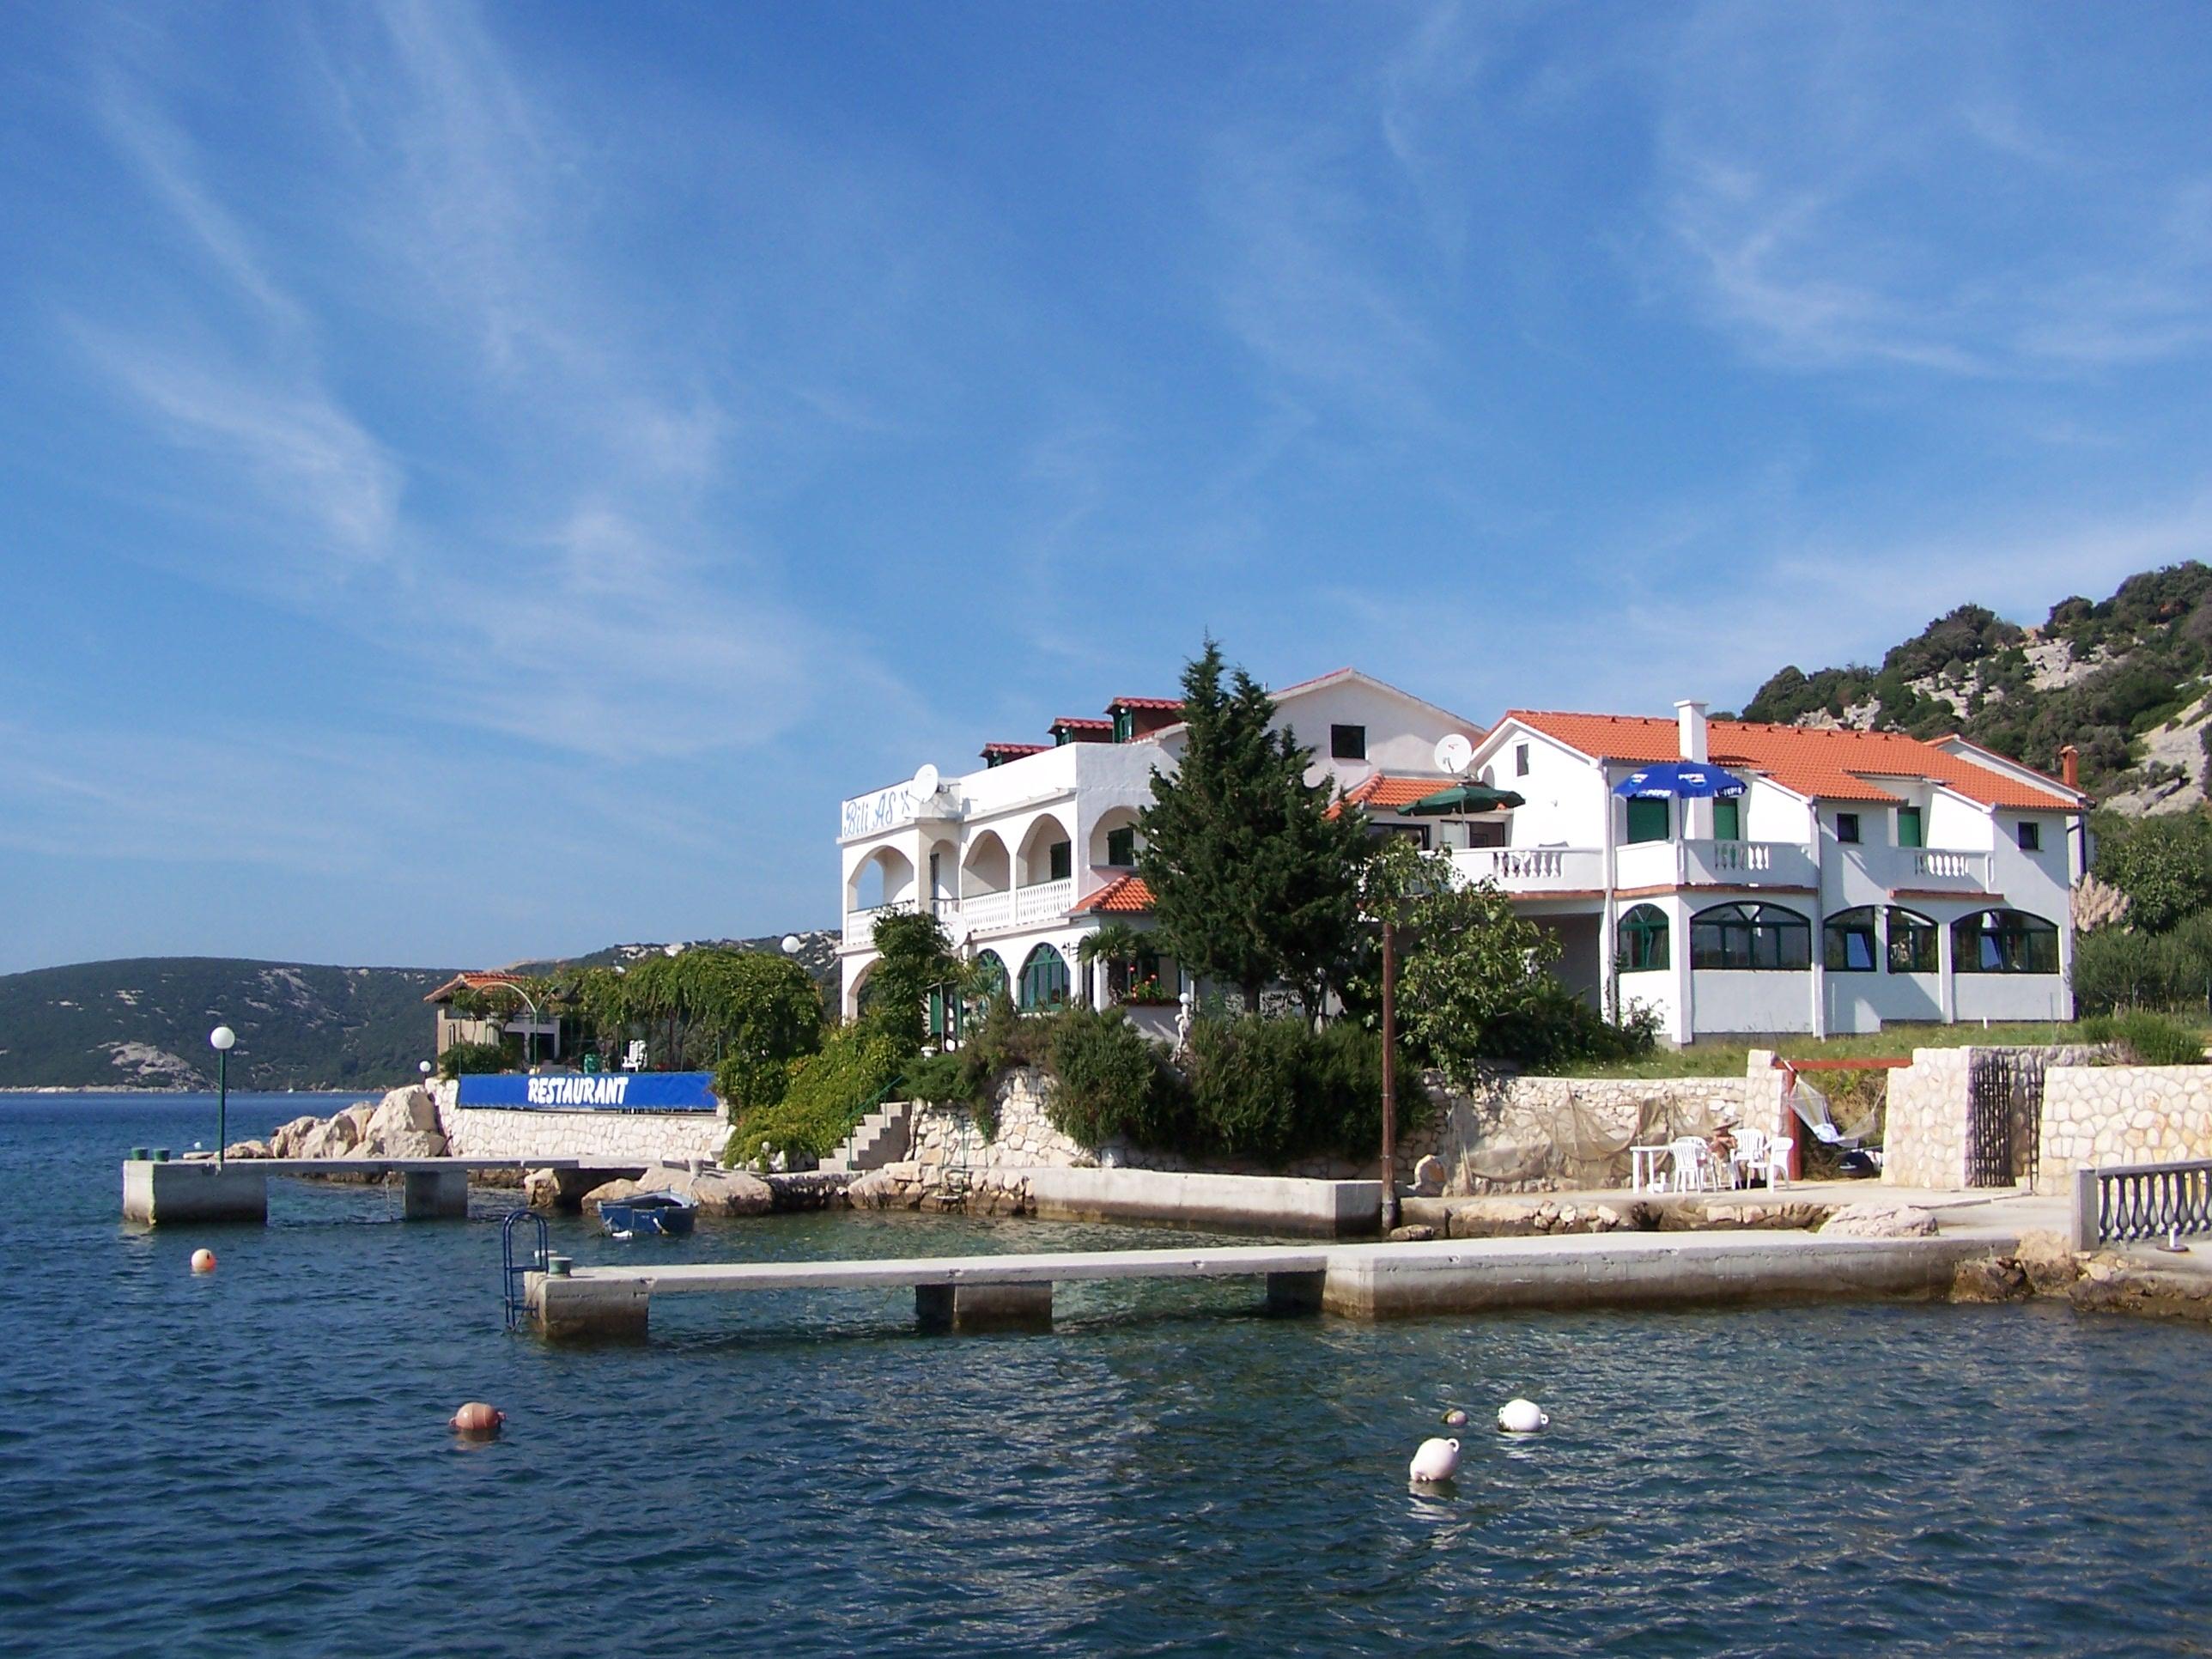 Haus am meer bei sonnenuntergang  Direkt bei meer traum sonnenuntergang insel Rab Kroatien haus Bili ...